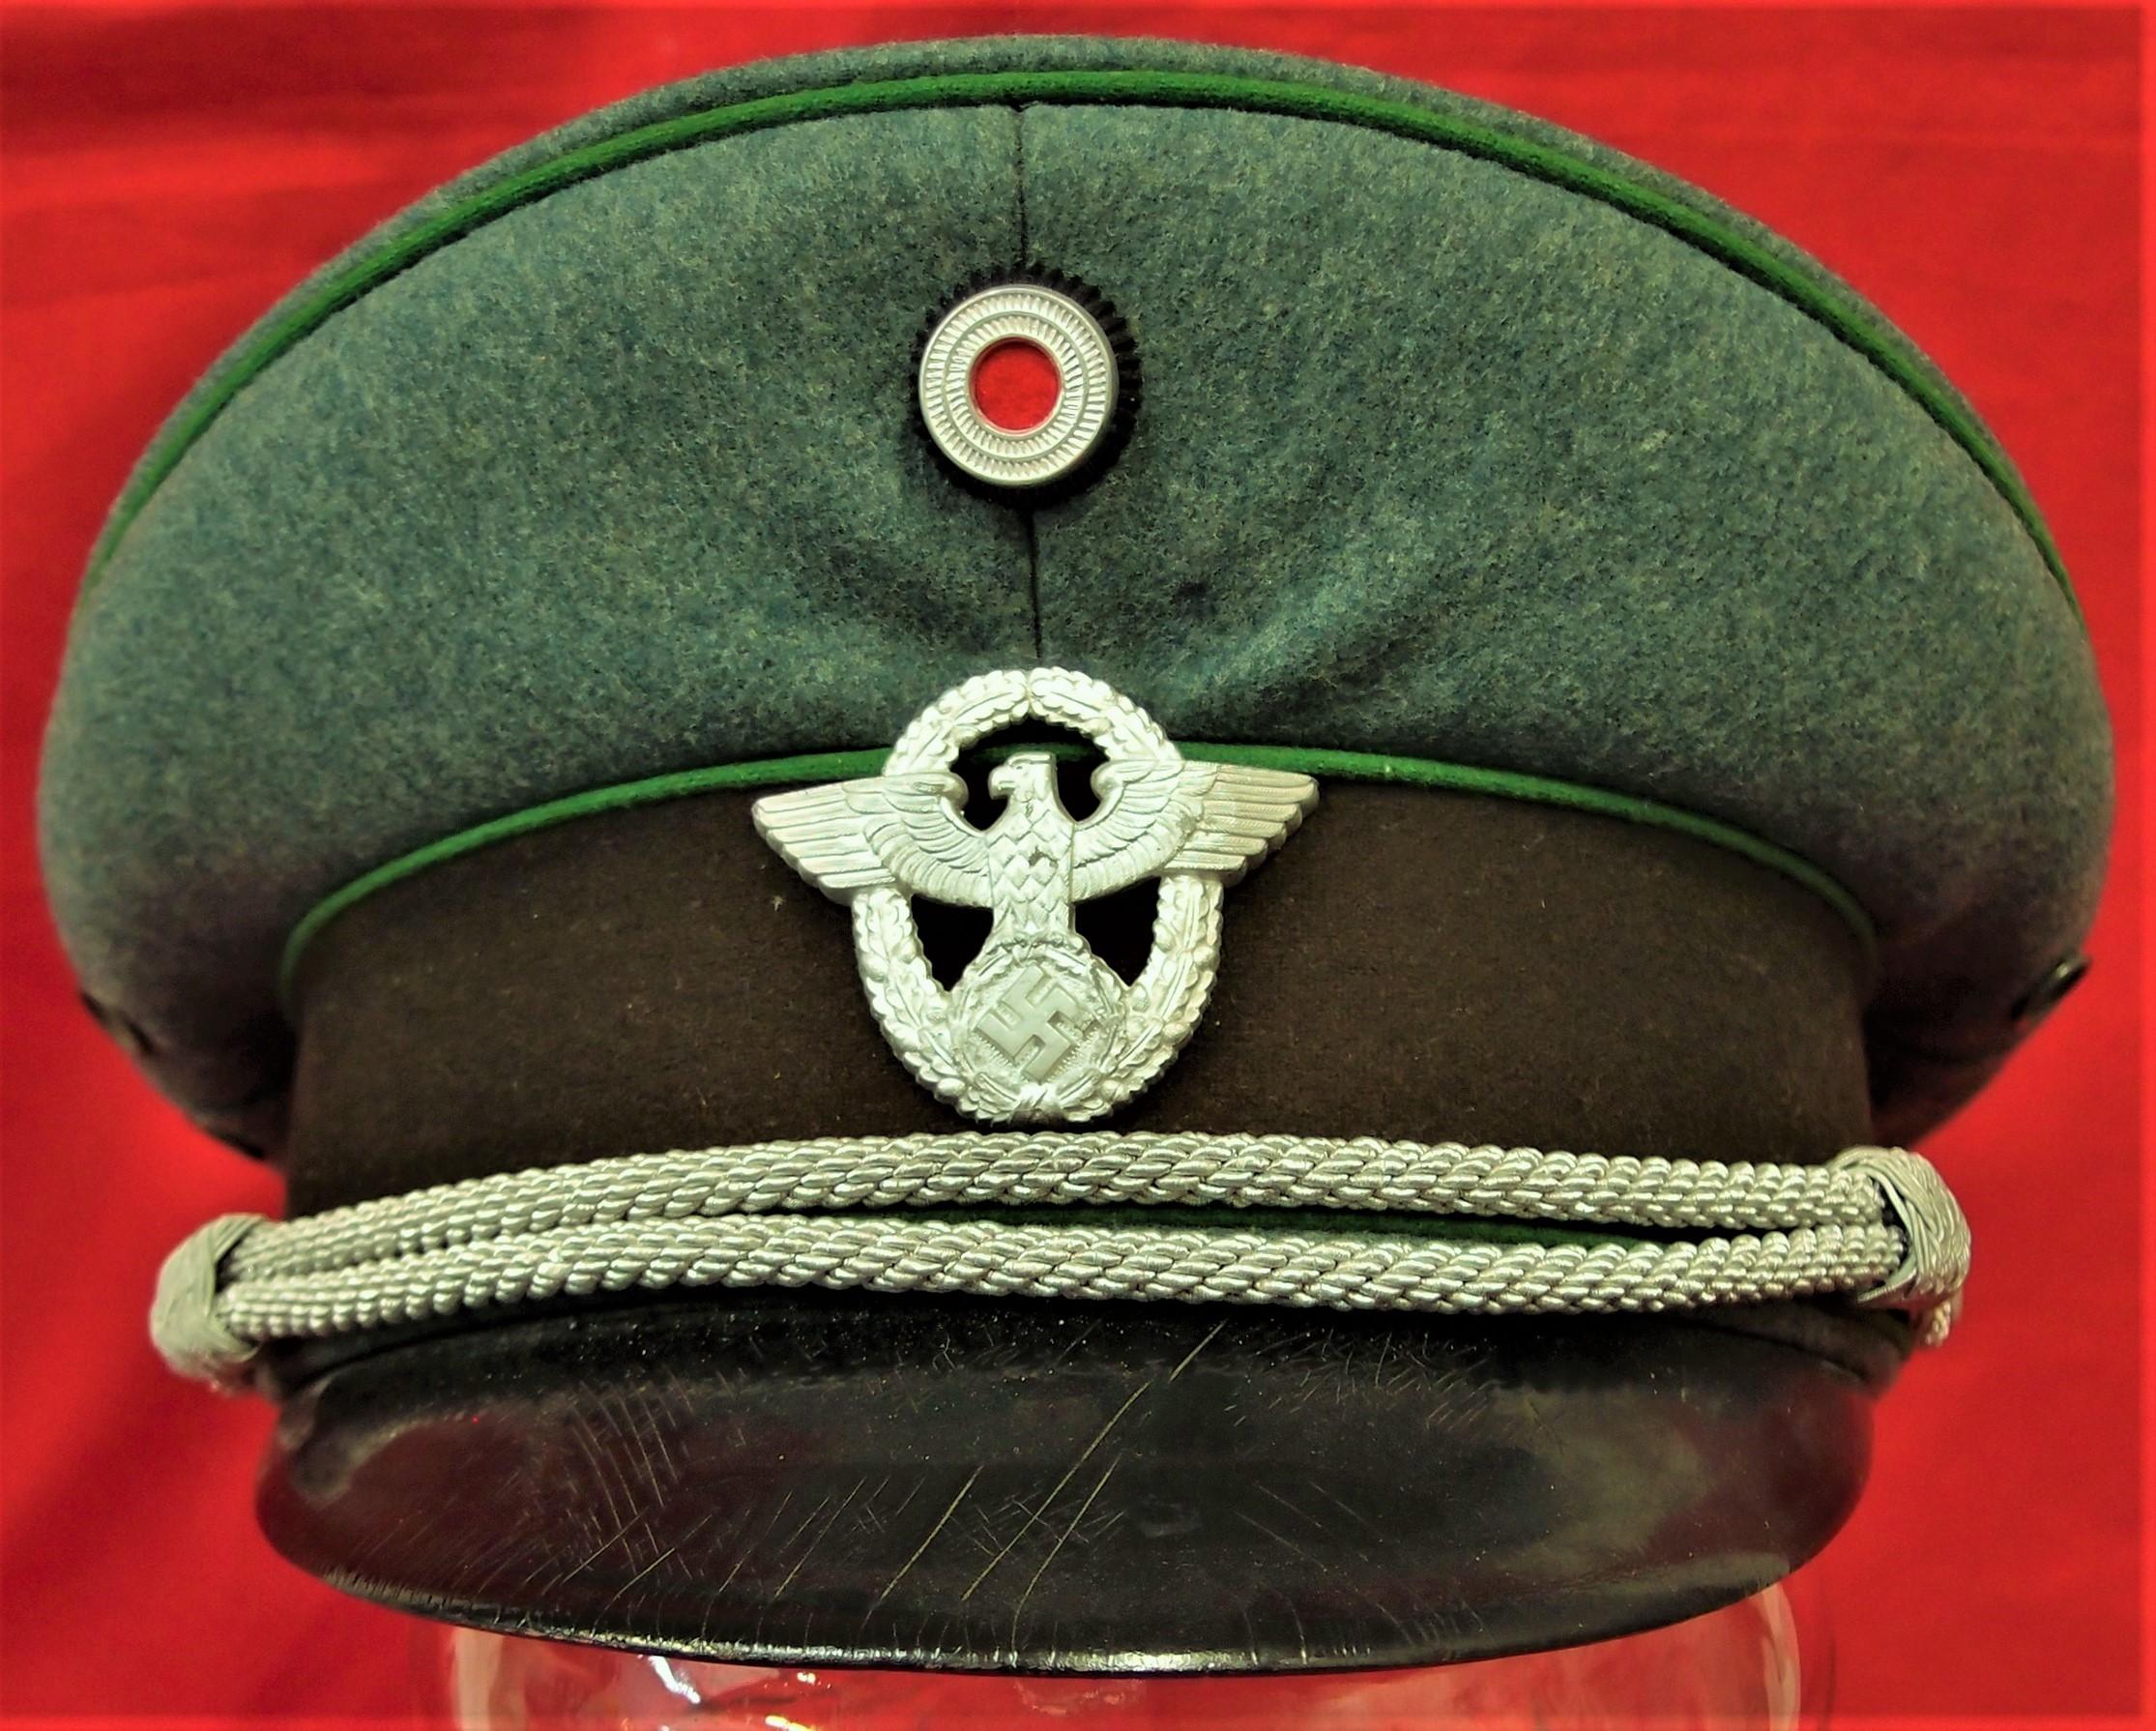 Ww2 German Police M43 Hat Badge: WW2 GERMAN POLICE OFFICER'S JACKET, PANTS & PEAKED CAP